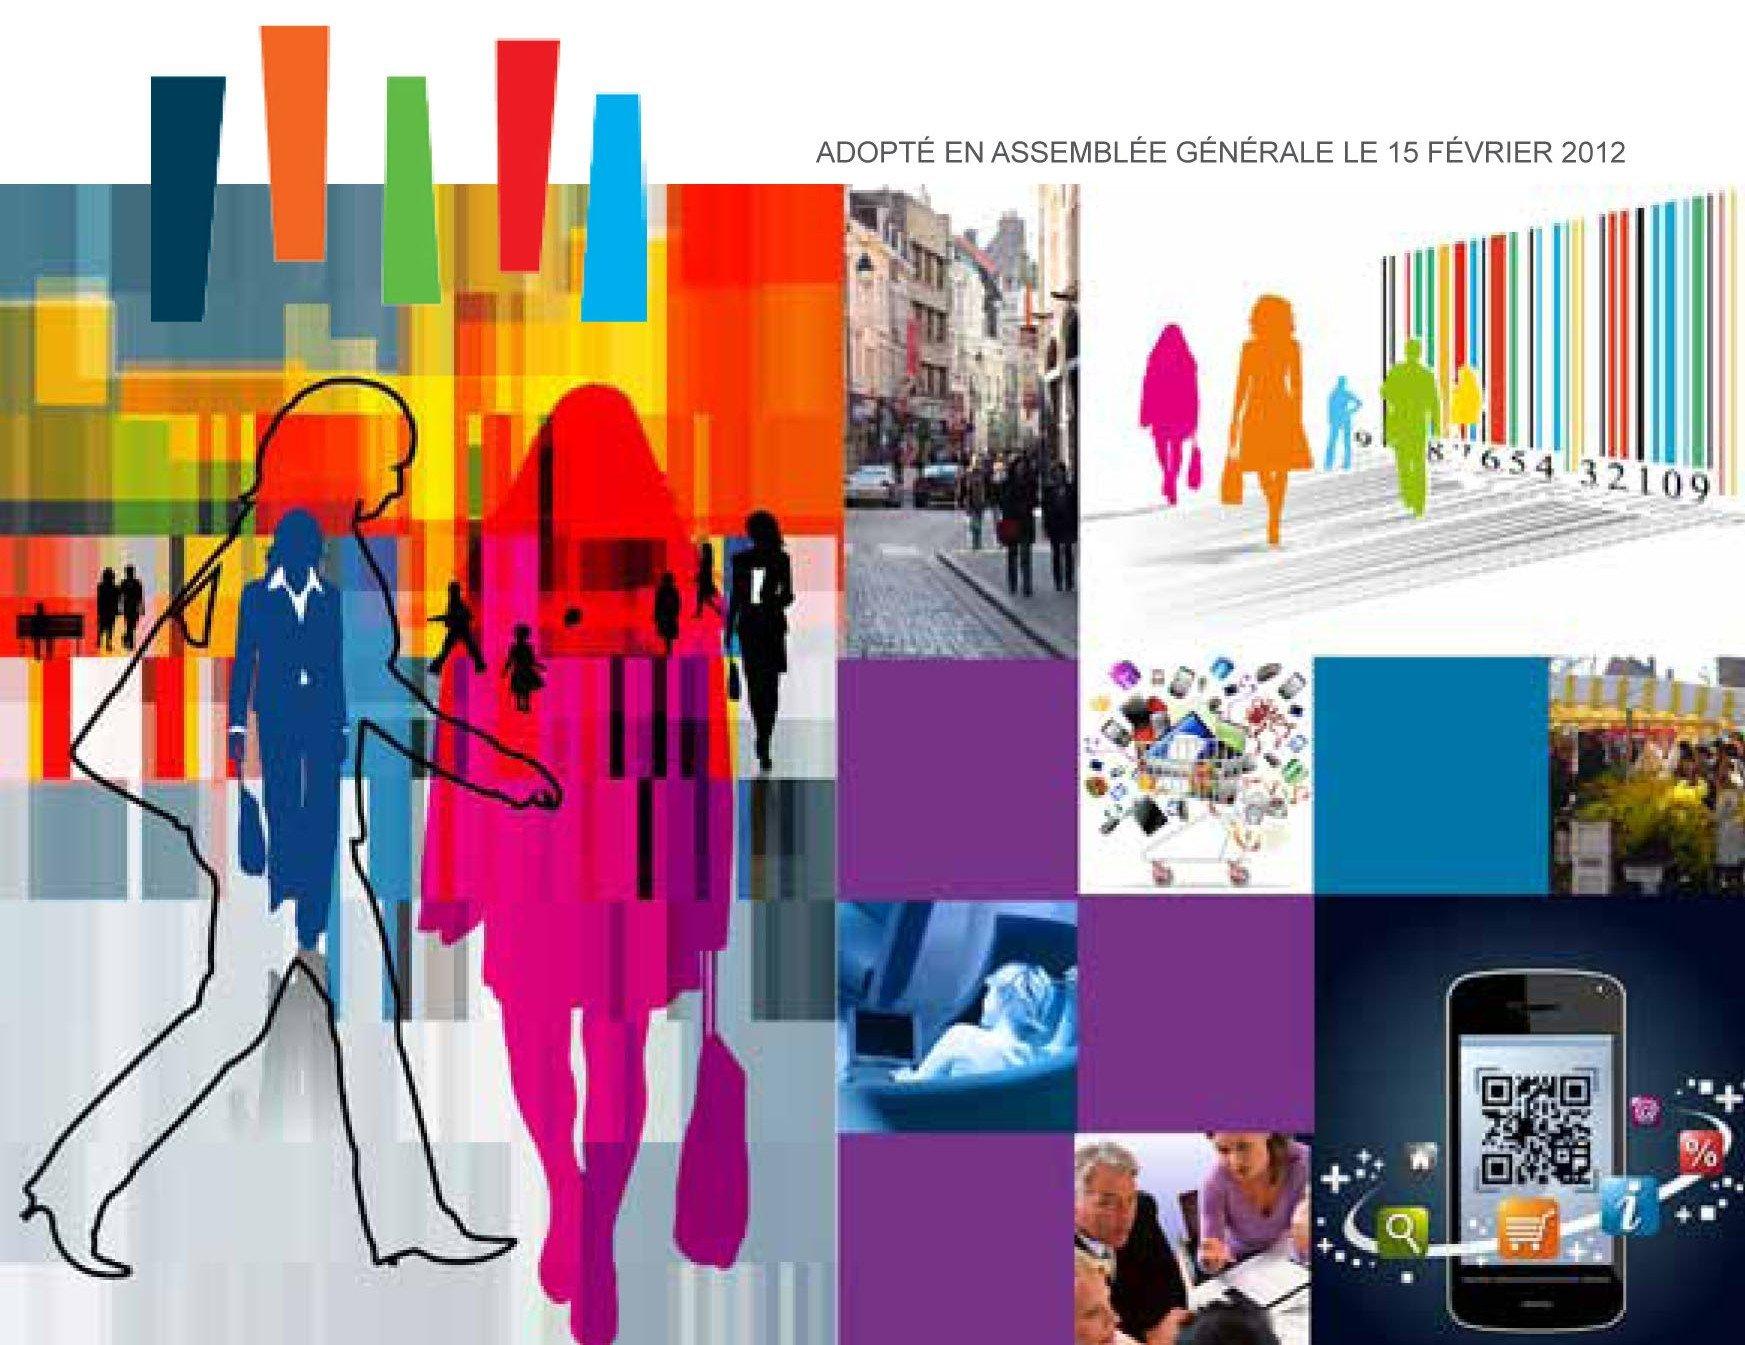 schema-sectoriel-commerce-et-services-aux-particuliers-1-e1398872583333